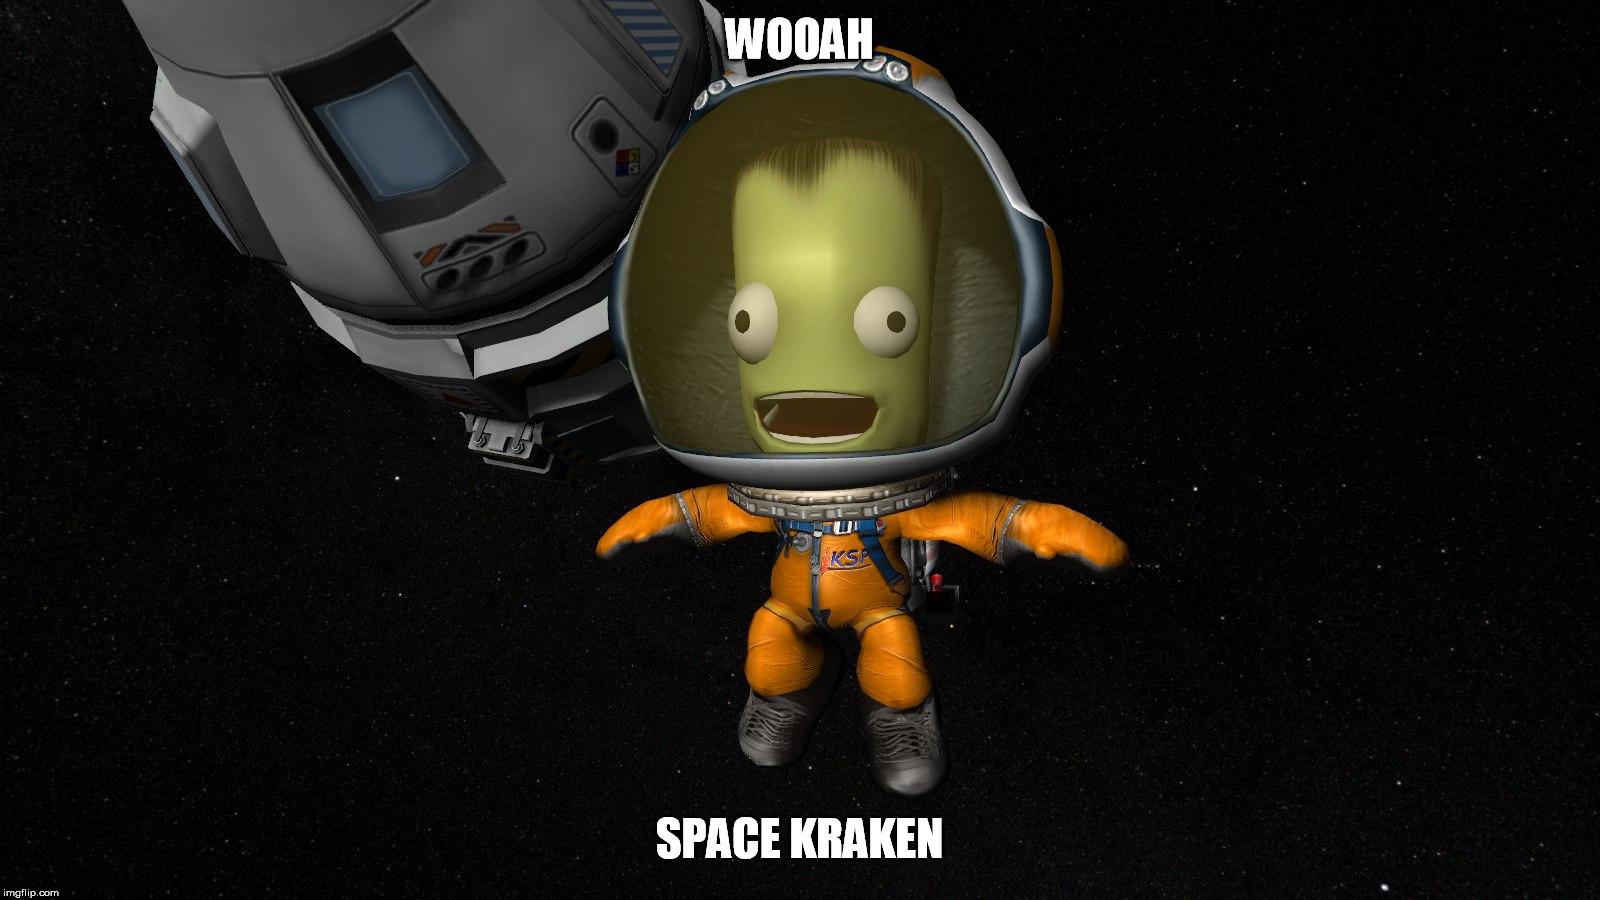 kerbal in space suit - photo #1